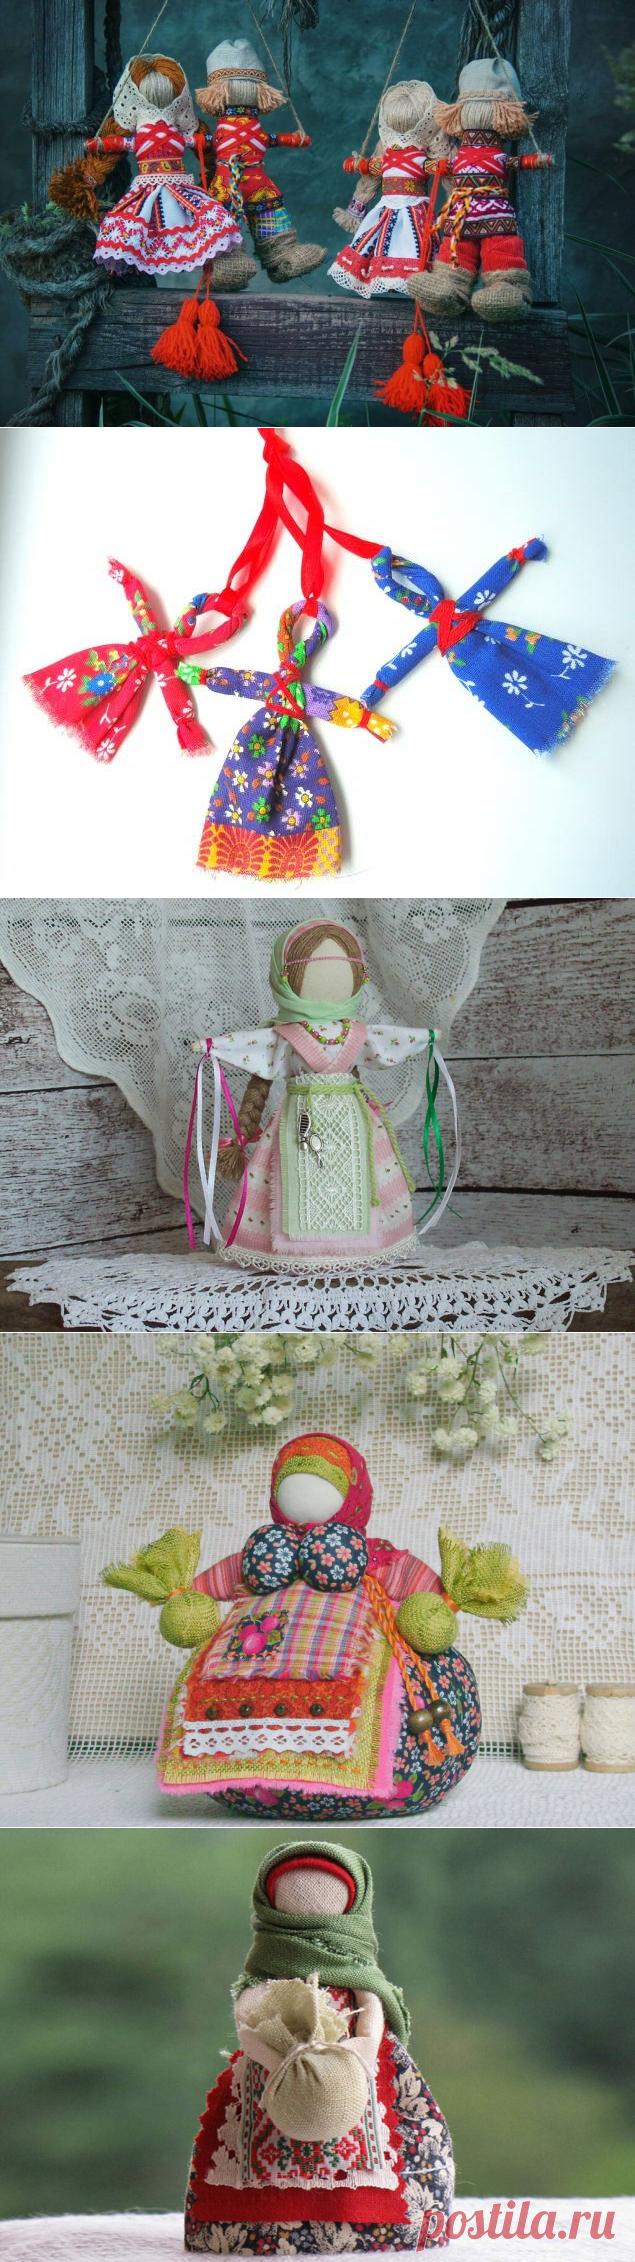 9 ТОП кукол оберегов. Какая кукла больше всего подойдёт индивидуально | Время Луны | Яндекс Дзен